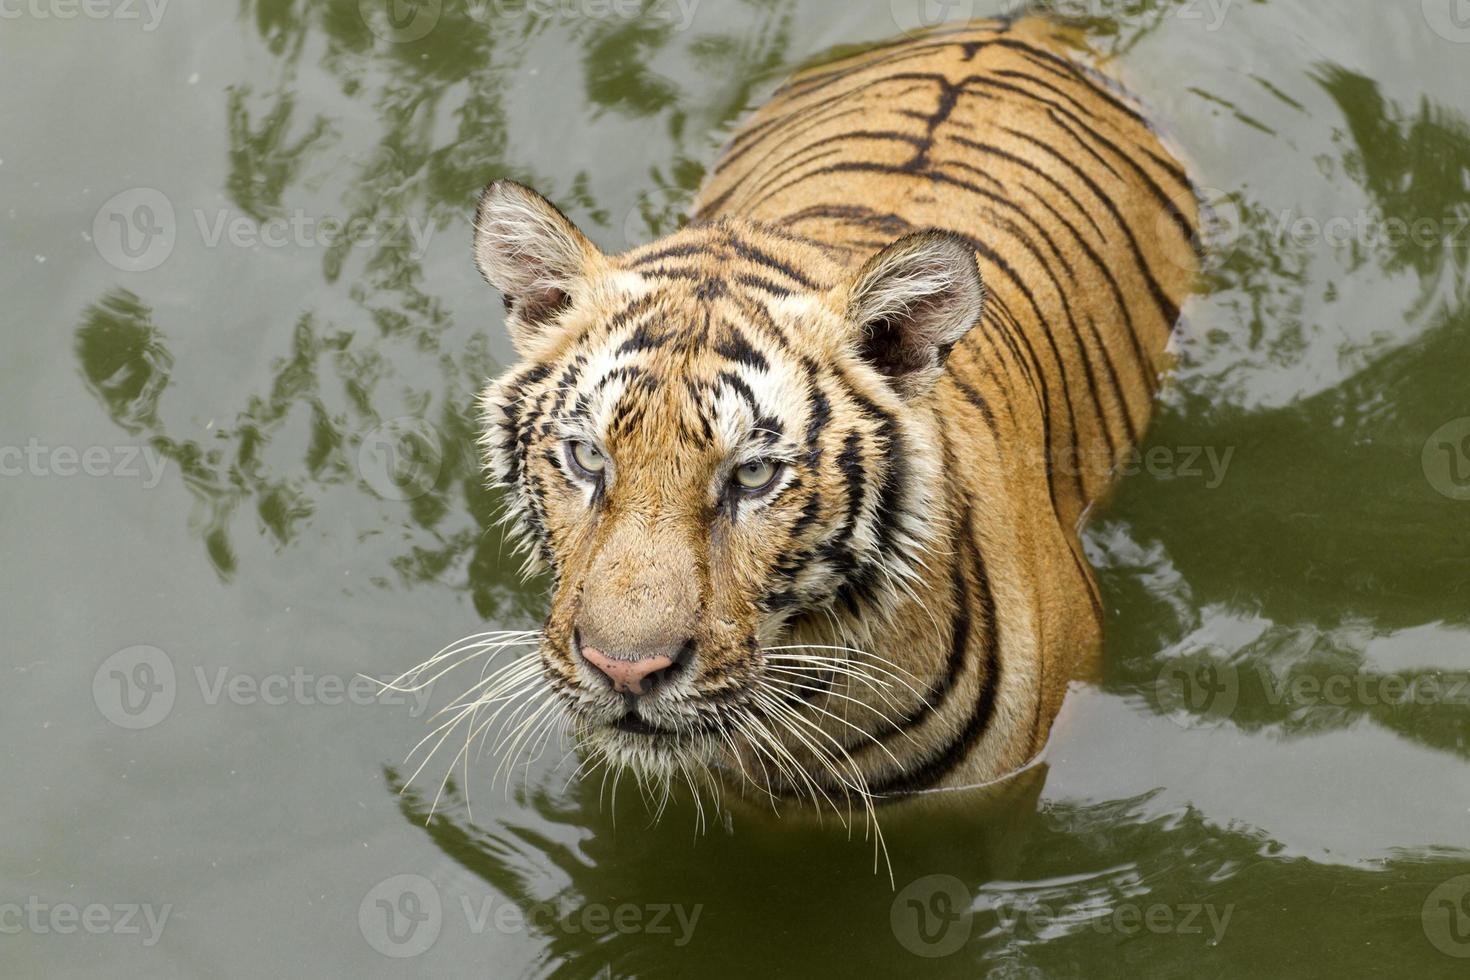 tigre en agua foto